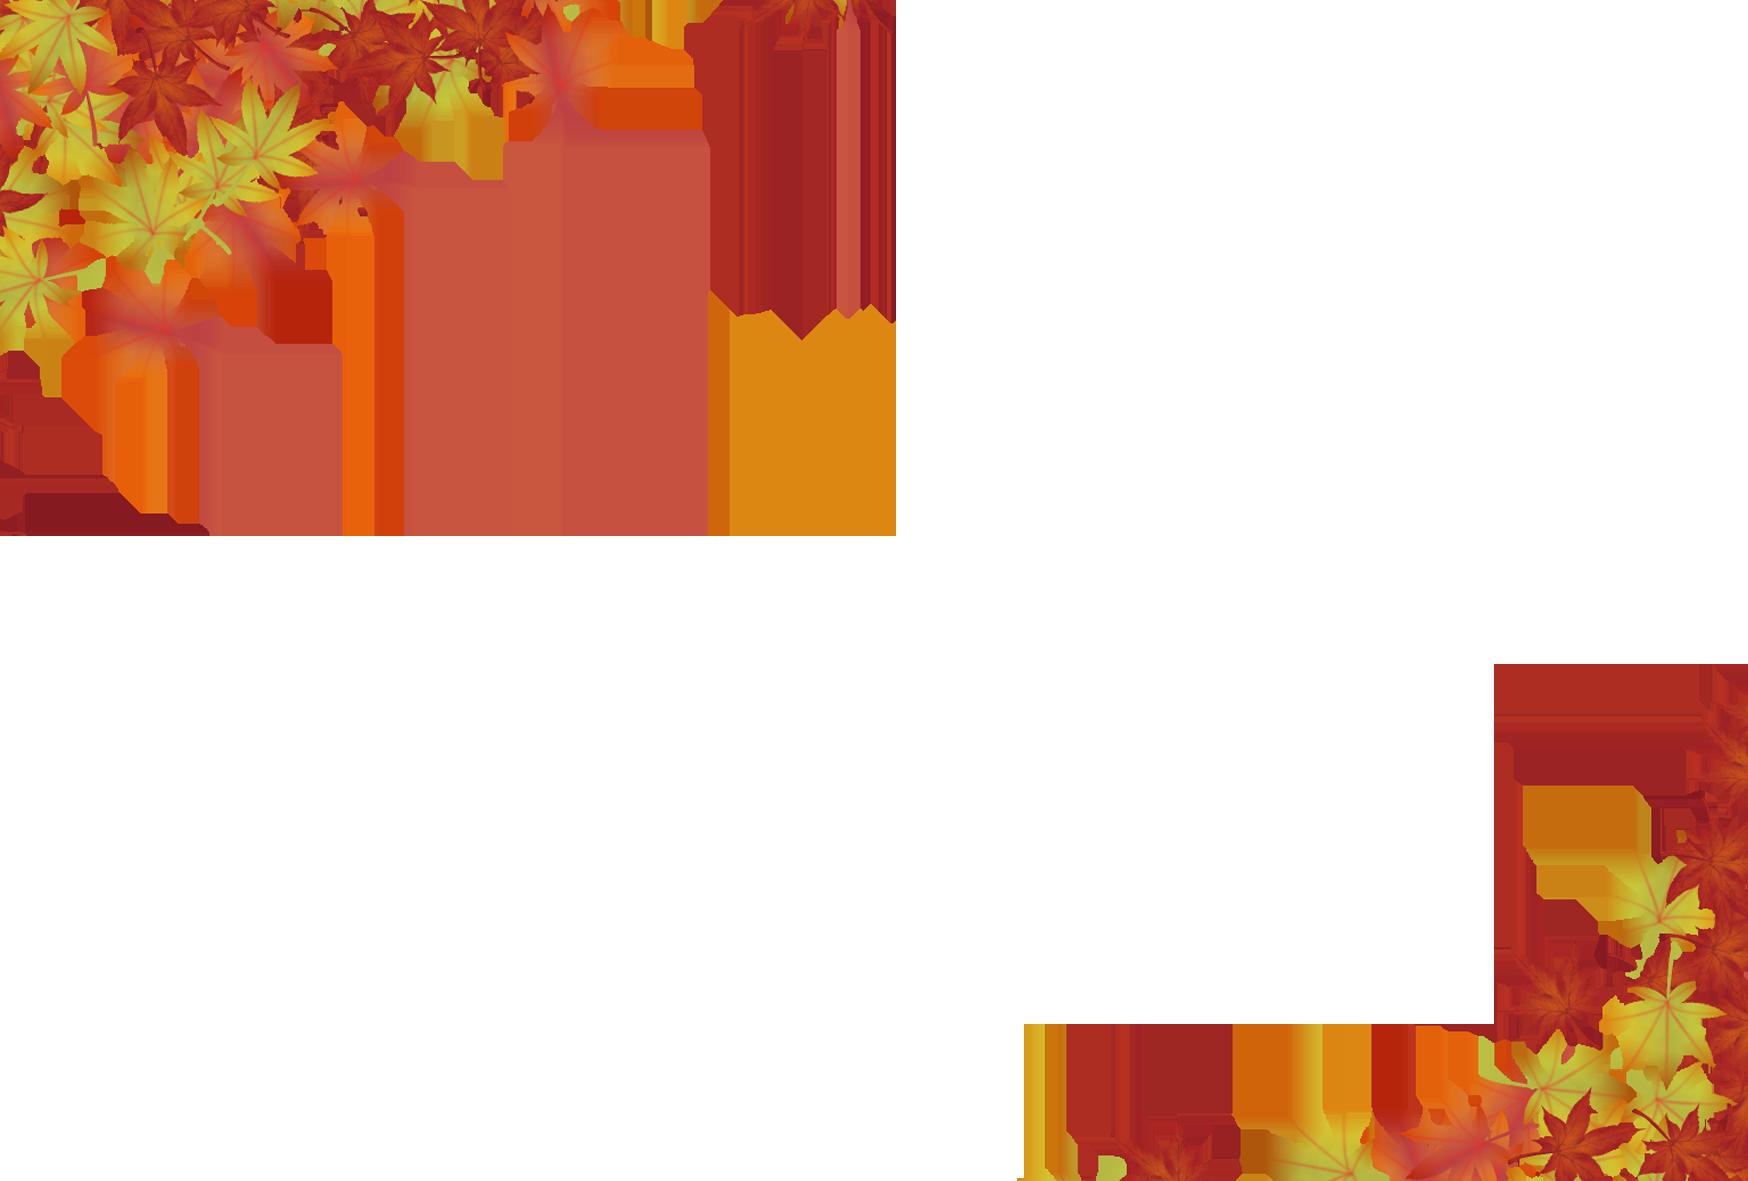 ハガキ用の紅葉のフレーム